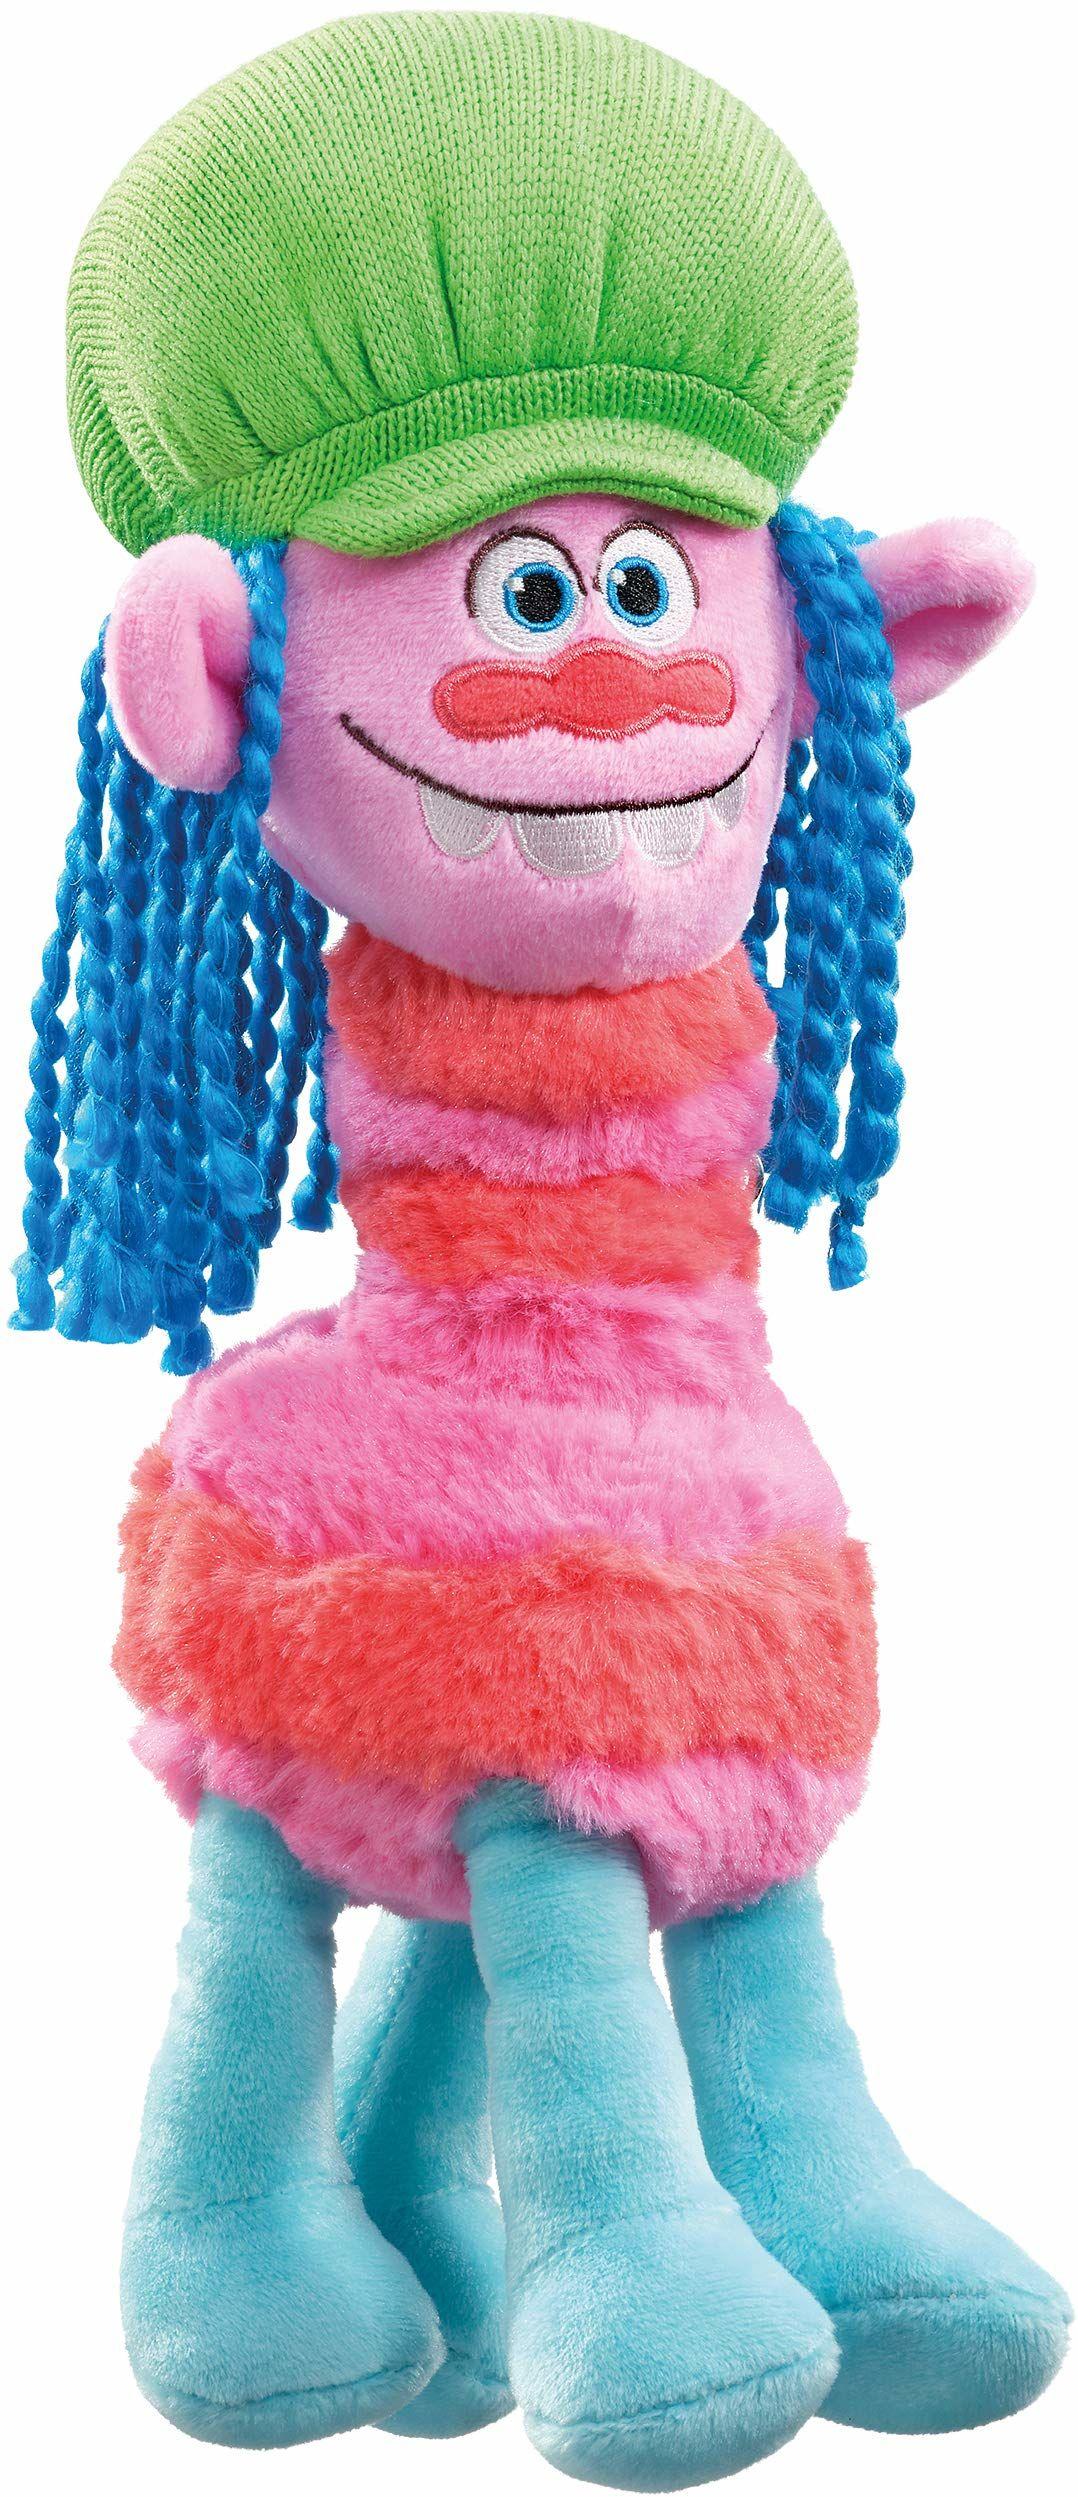 Schmidt Spiele 42720 Trolls, Cooper, pluszowa figurka, 30 cm, kolorowa